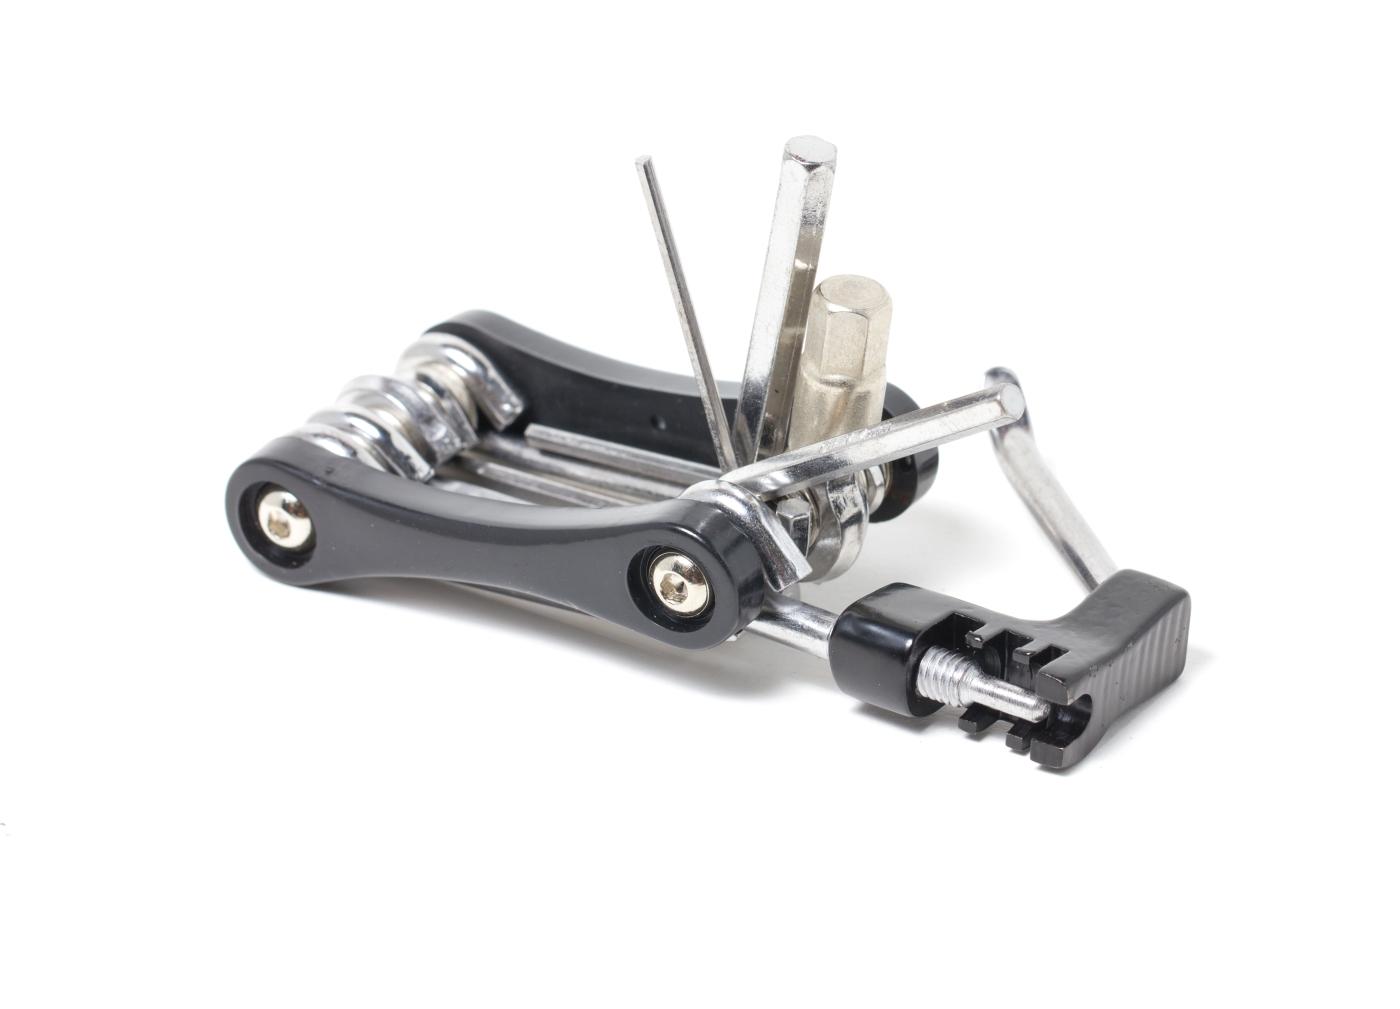 Mali multi alat neka uvijek bude u torbici na biciklu